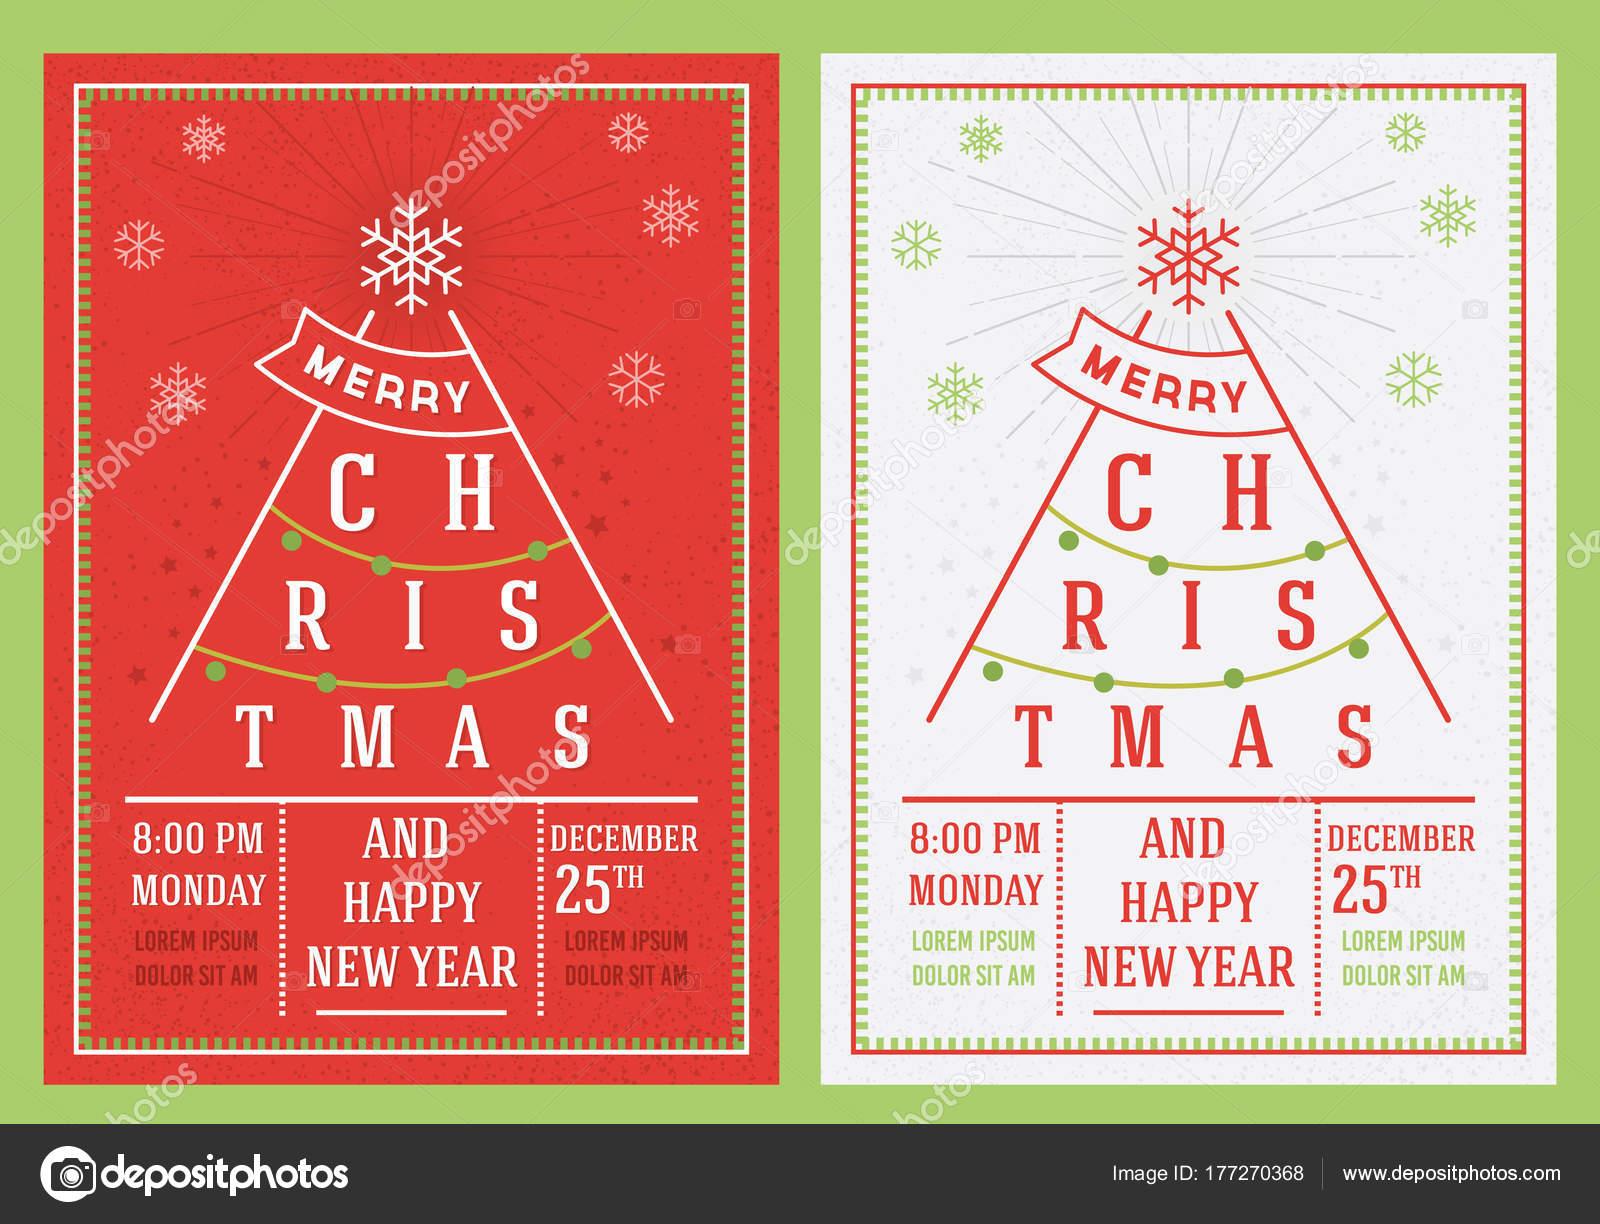 Auguri Di Buon Natale Yahoo.Natale Anno Nuovo Depliant Biglietti Auguri Natale Festa Capodanno